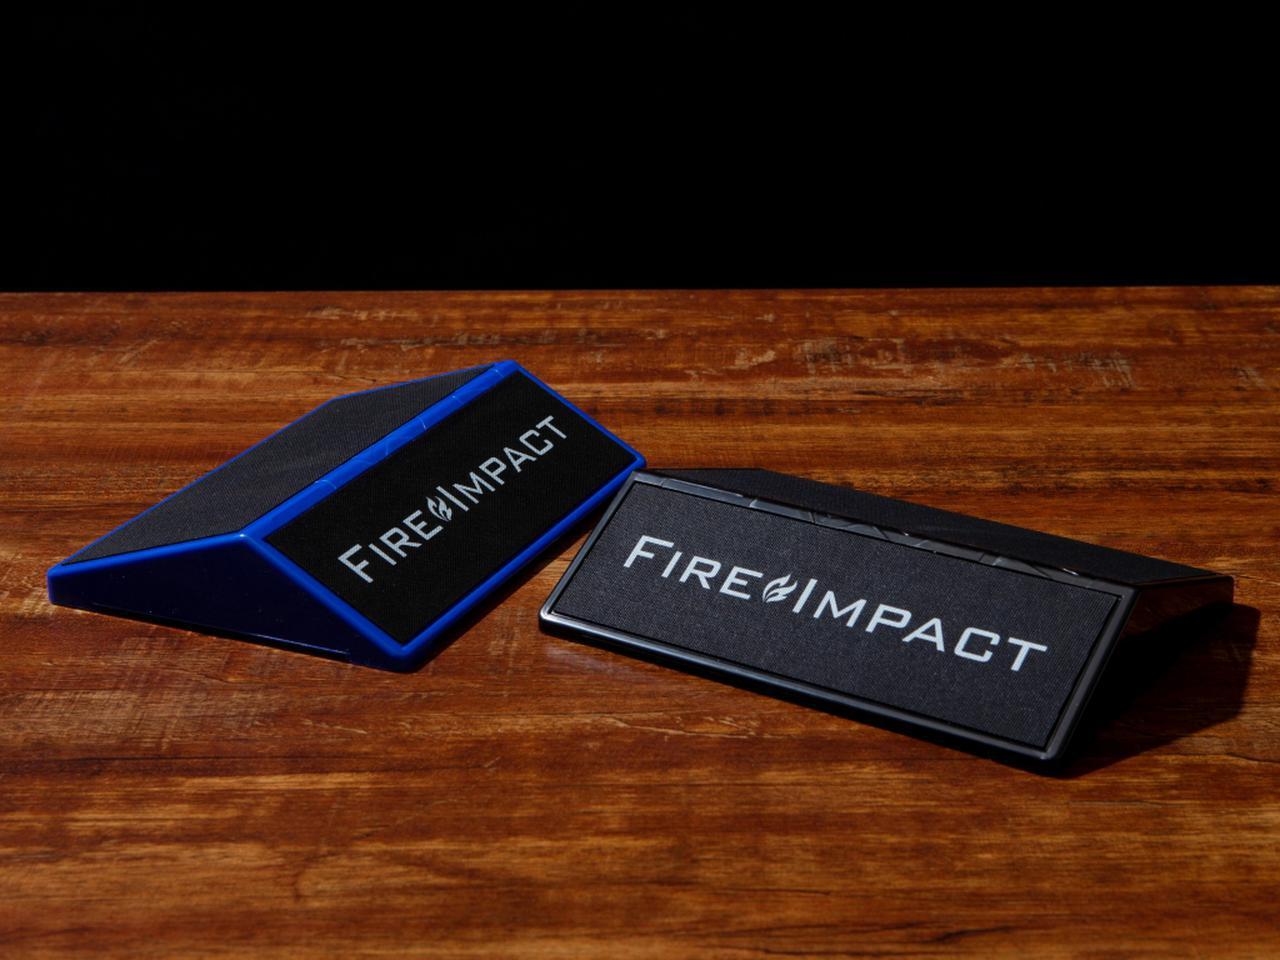 画像: Fire Impactはブルーとブラックの2色